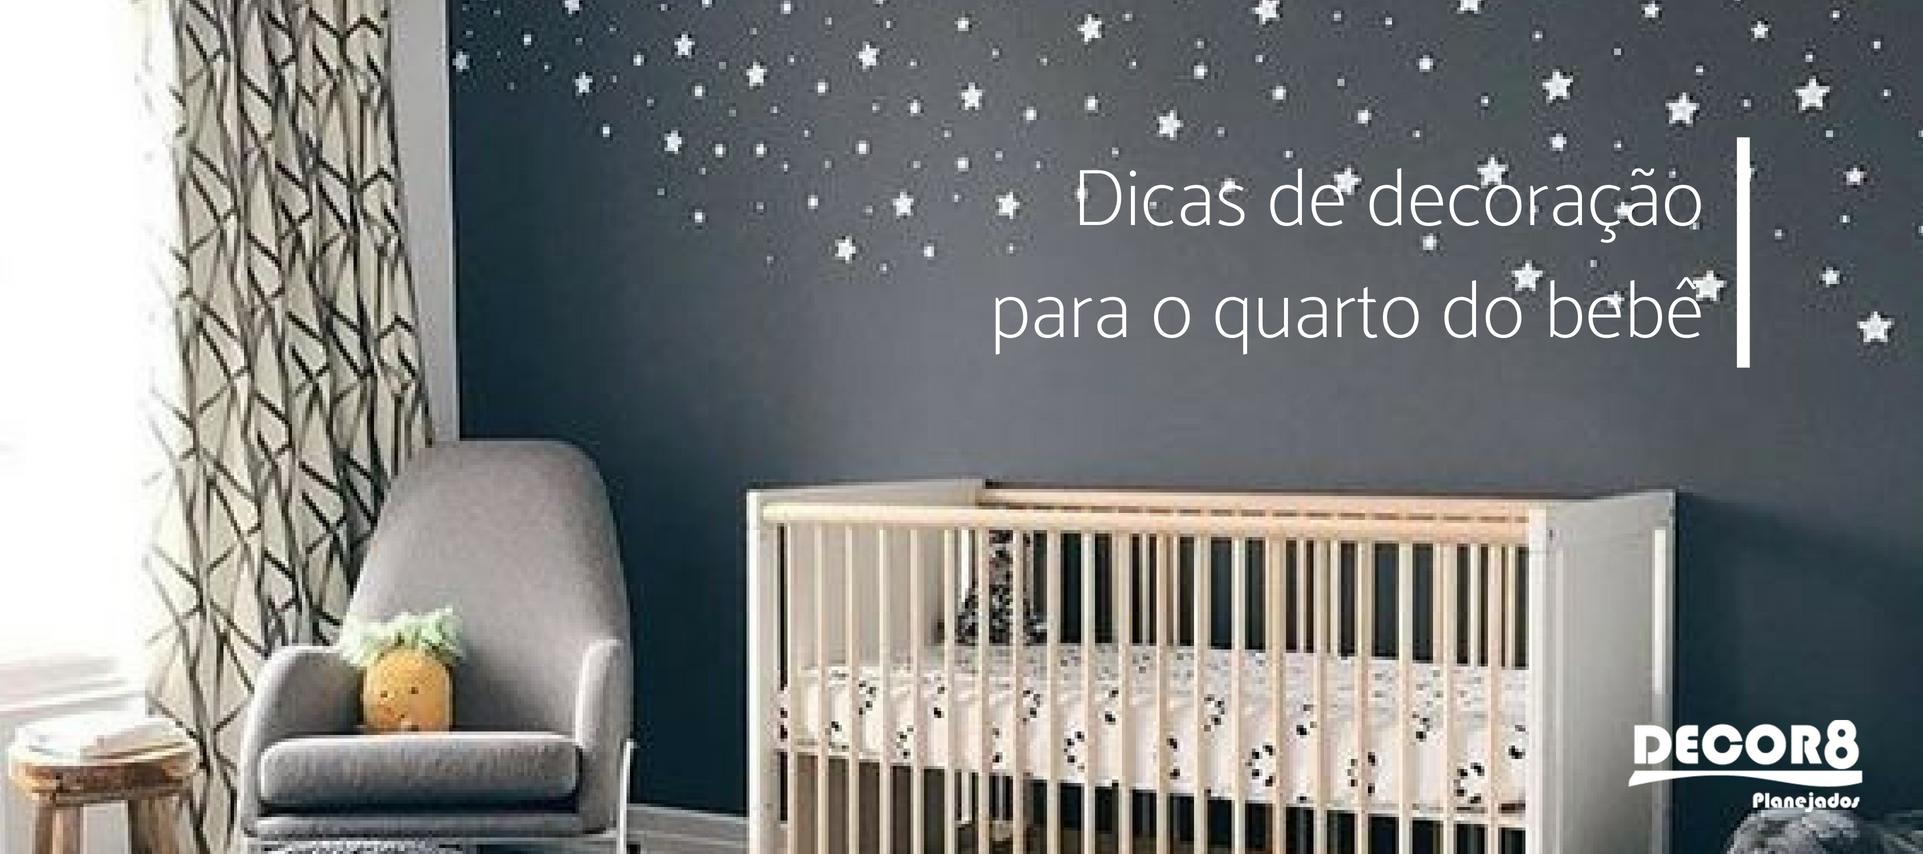 Dicas de decoração para o quarto do bebê